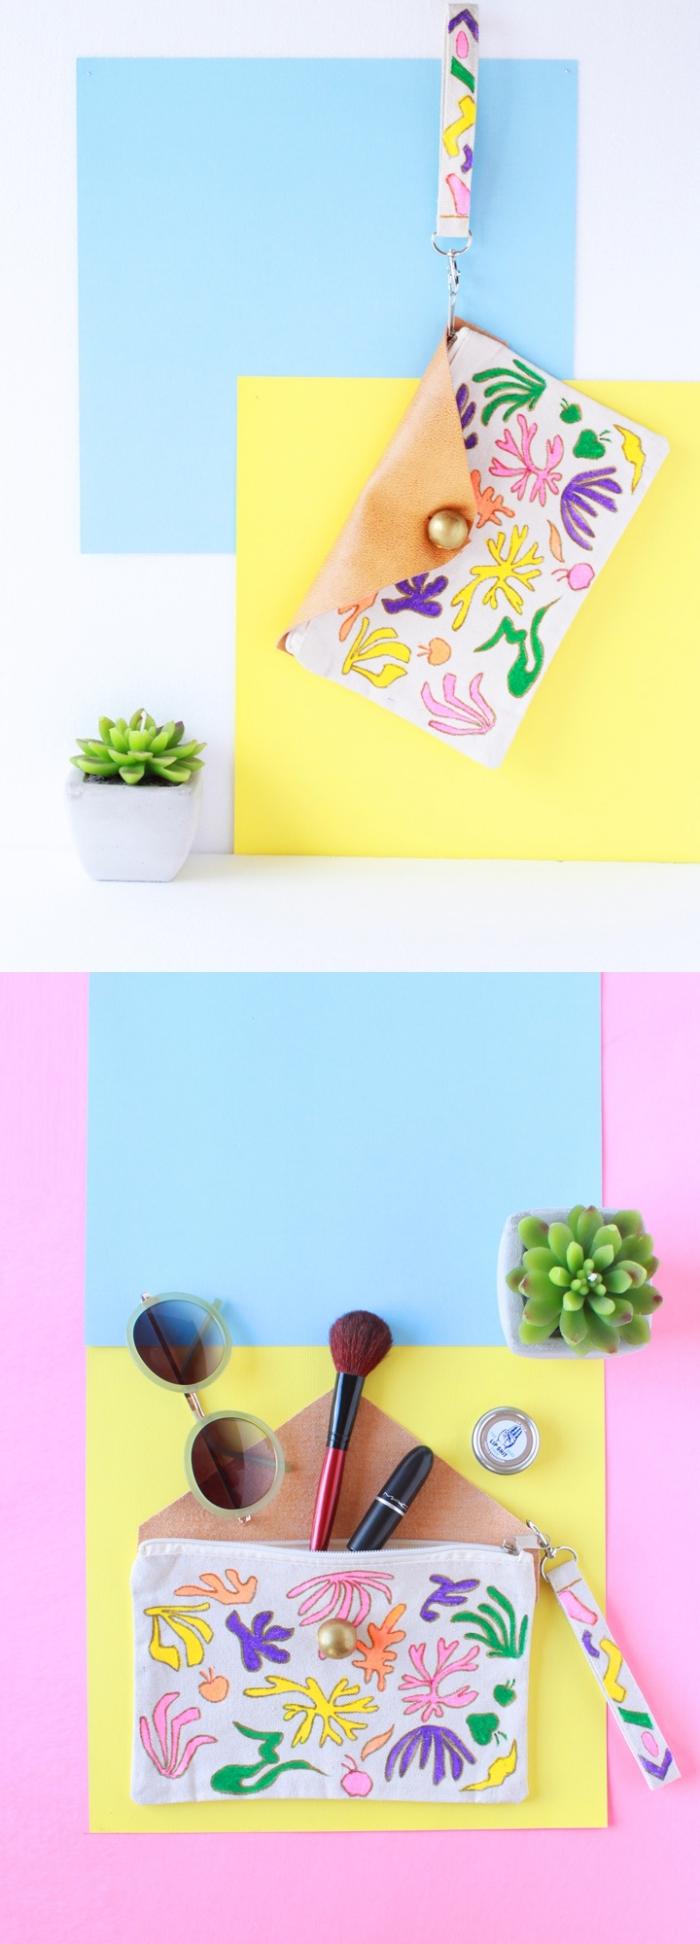 comment faire une pochette en tissu facile, une pochette en coton canvas personnalisée, à rabat en simili cuir et à motifs matisse dessinés au crayon et colorés